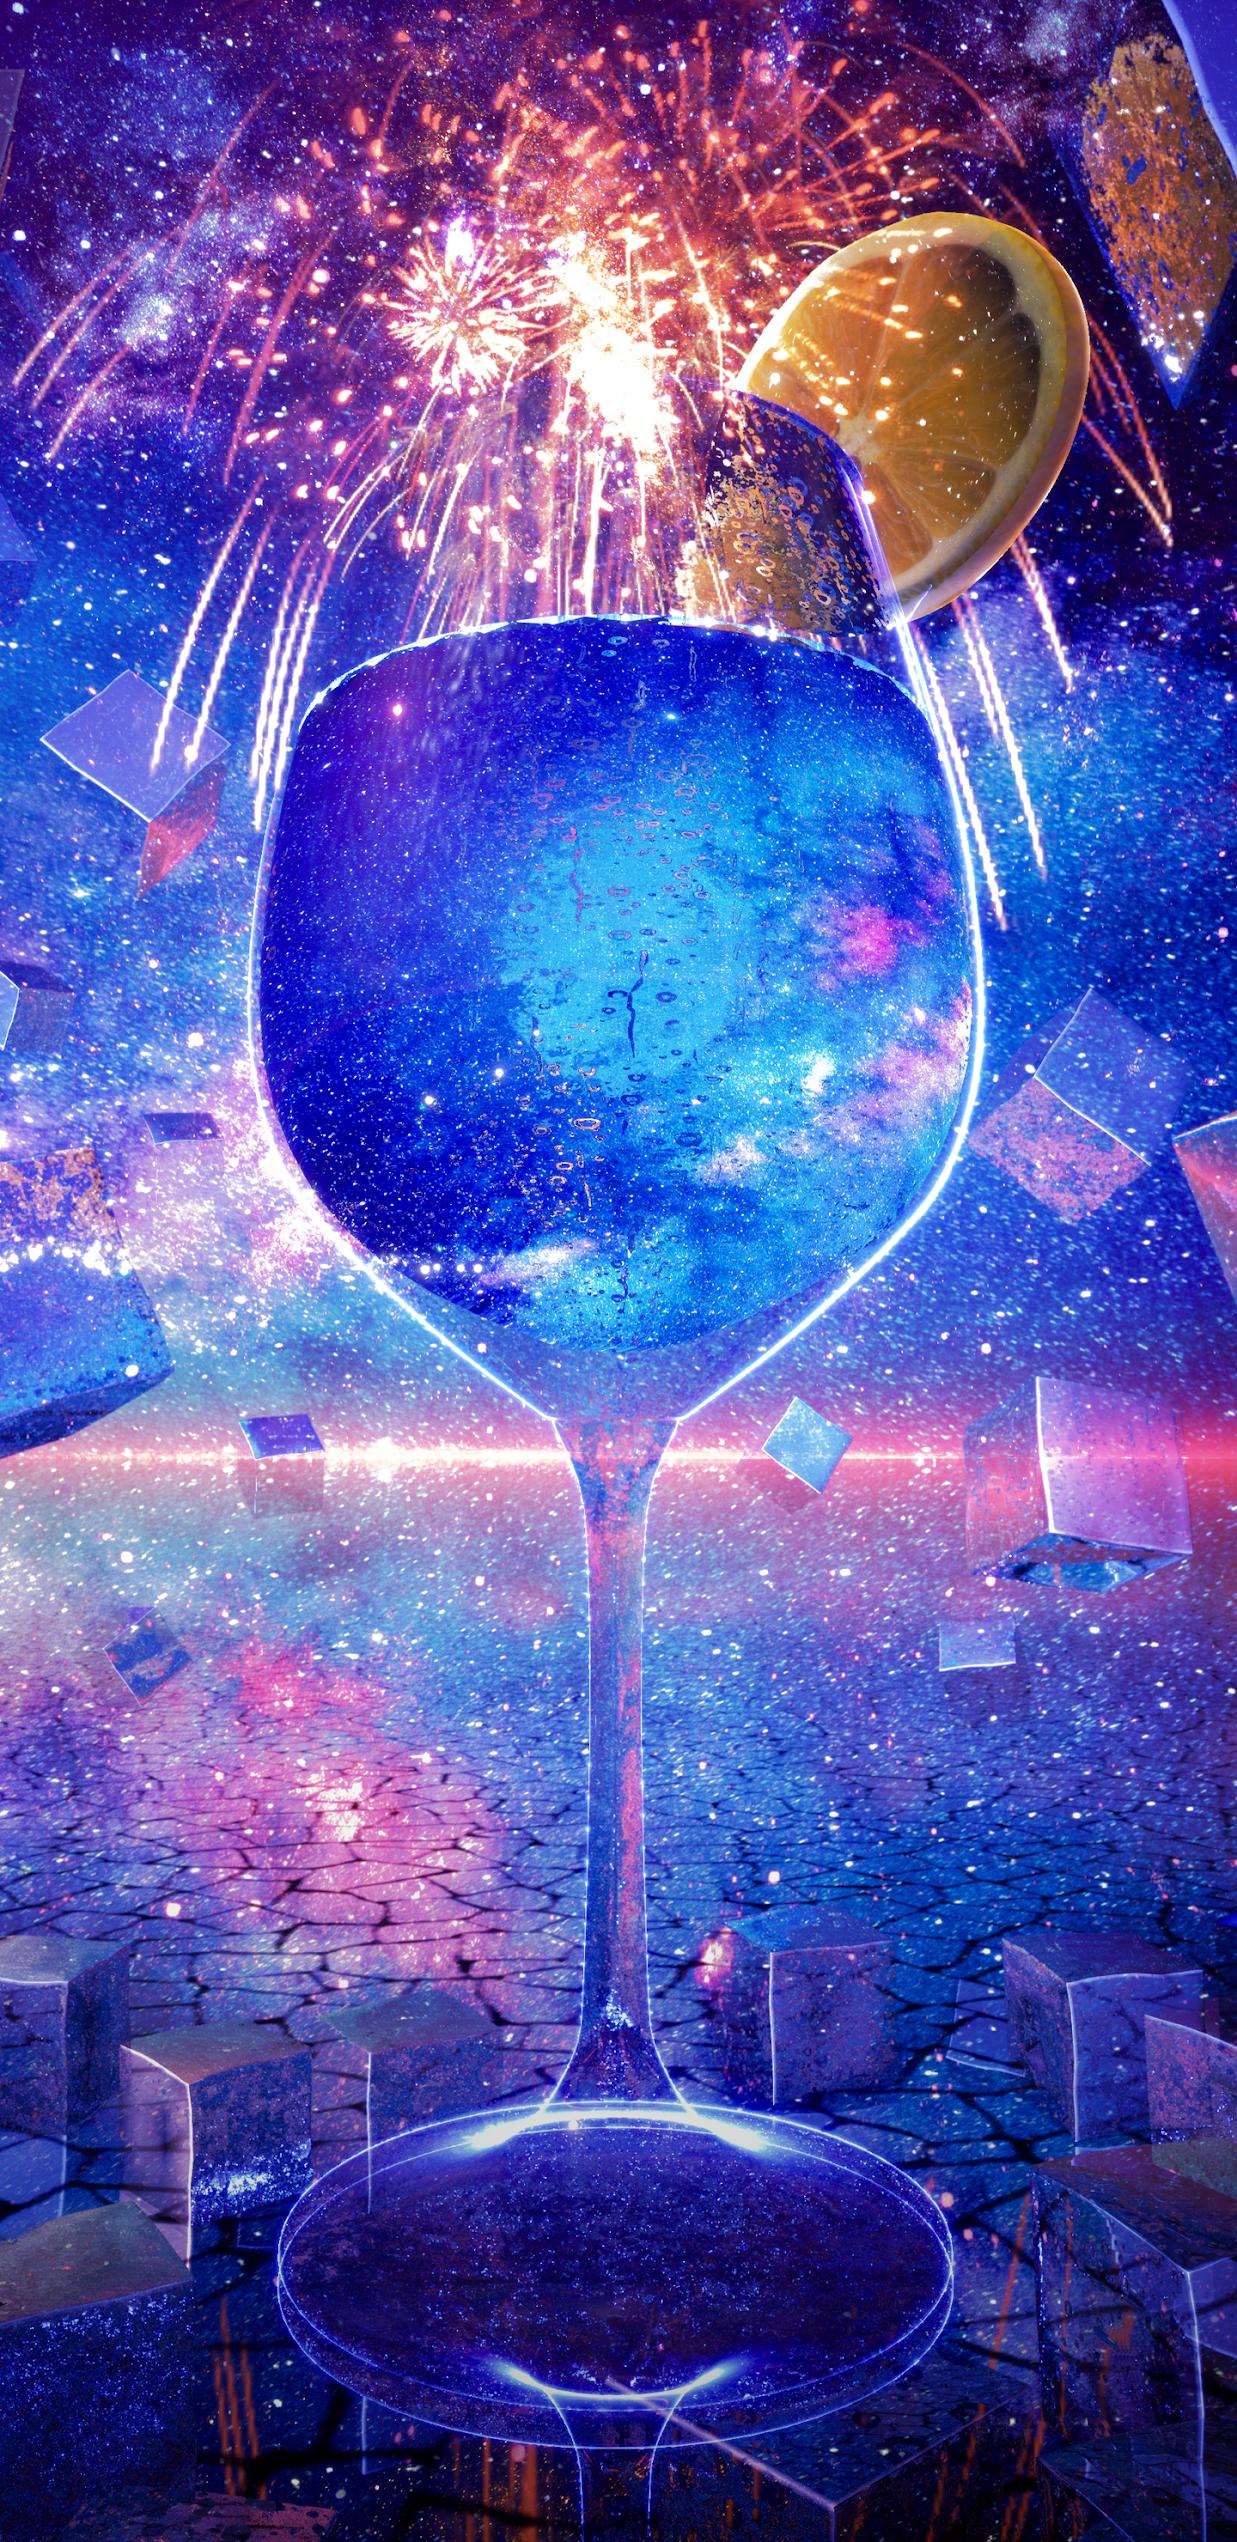 Ly cocktail biển xanh đầy sắc màu